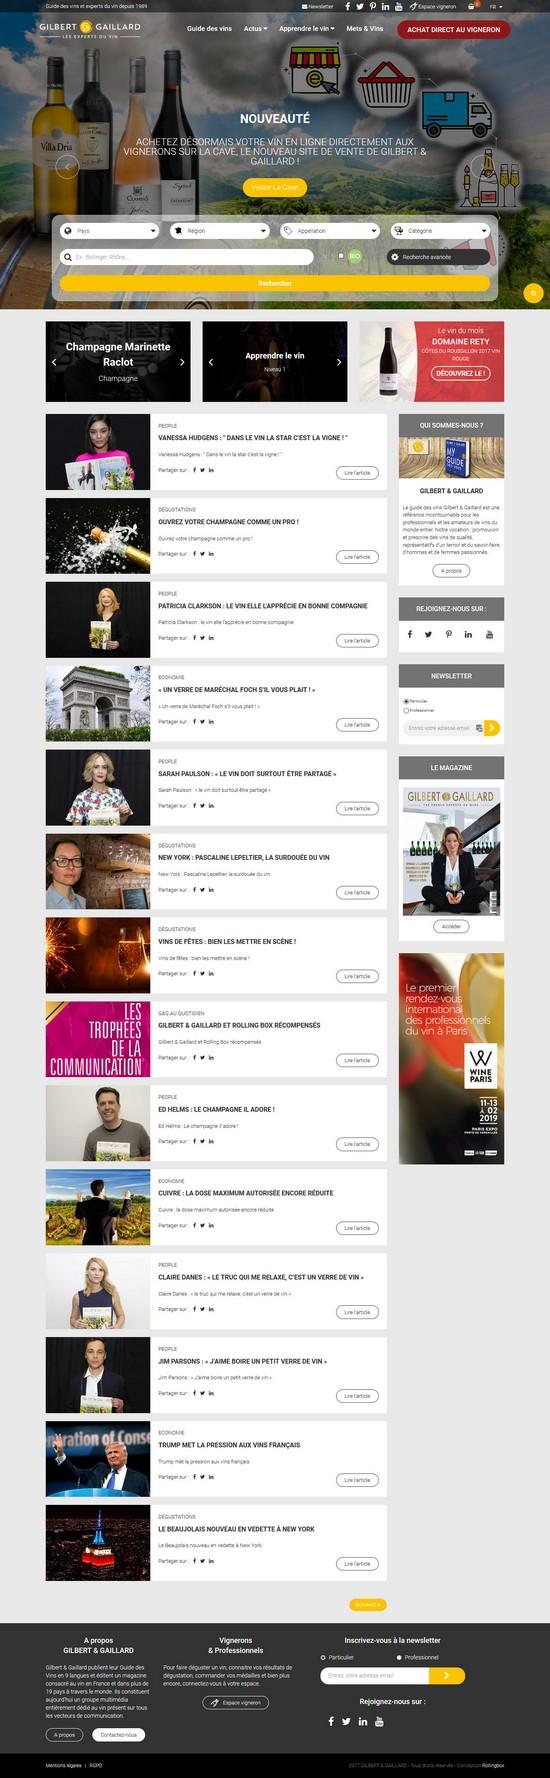 Homepage du site Gilbert et Gaillard – Edito